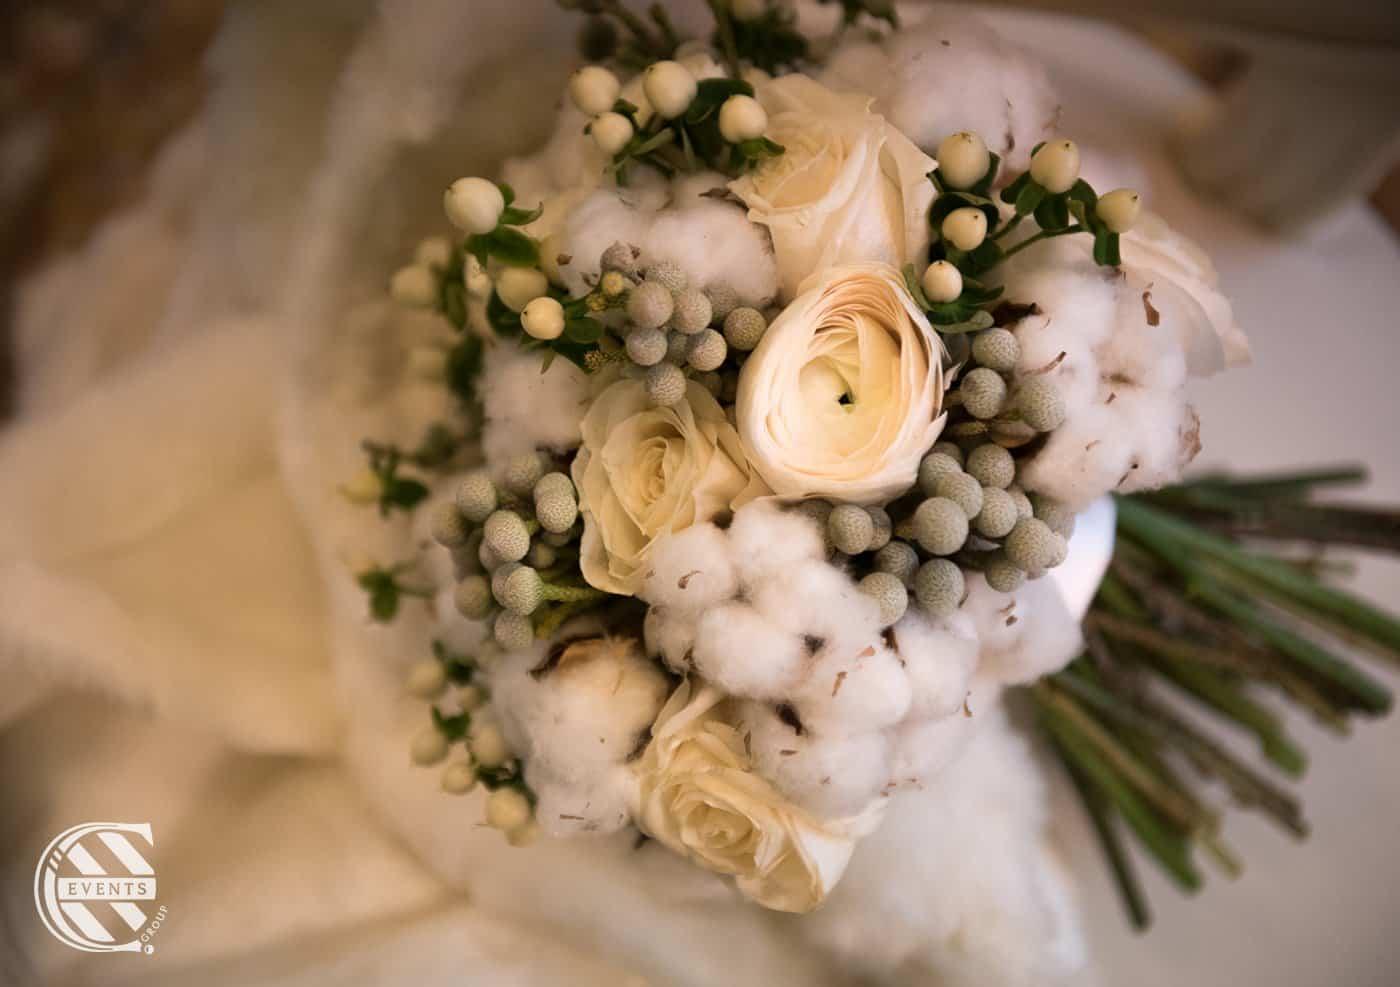 Matrimonio Bianco Natale : Bianco o rosso natale organizzare il matrimonio nel